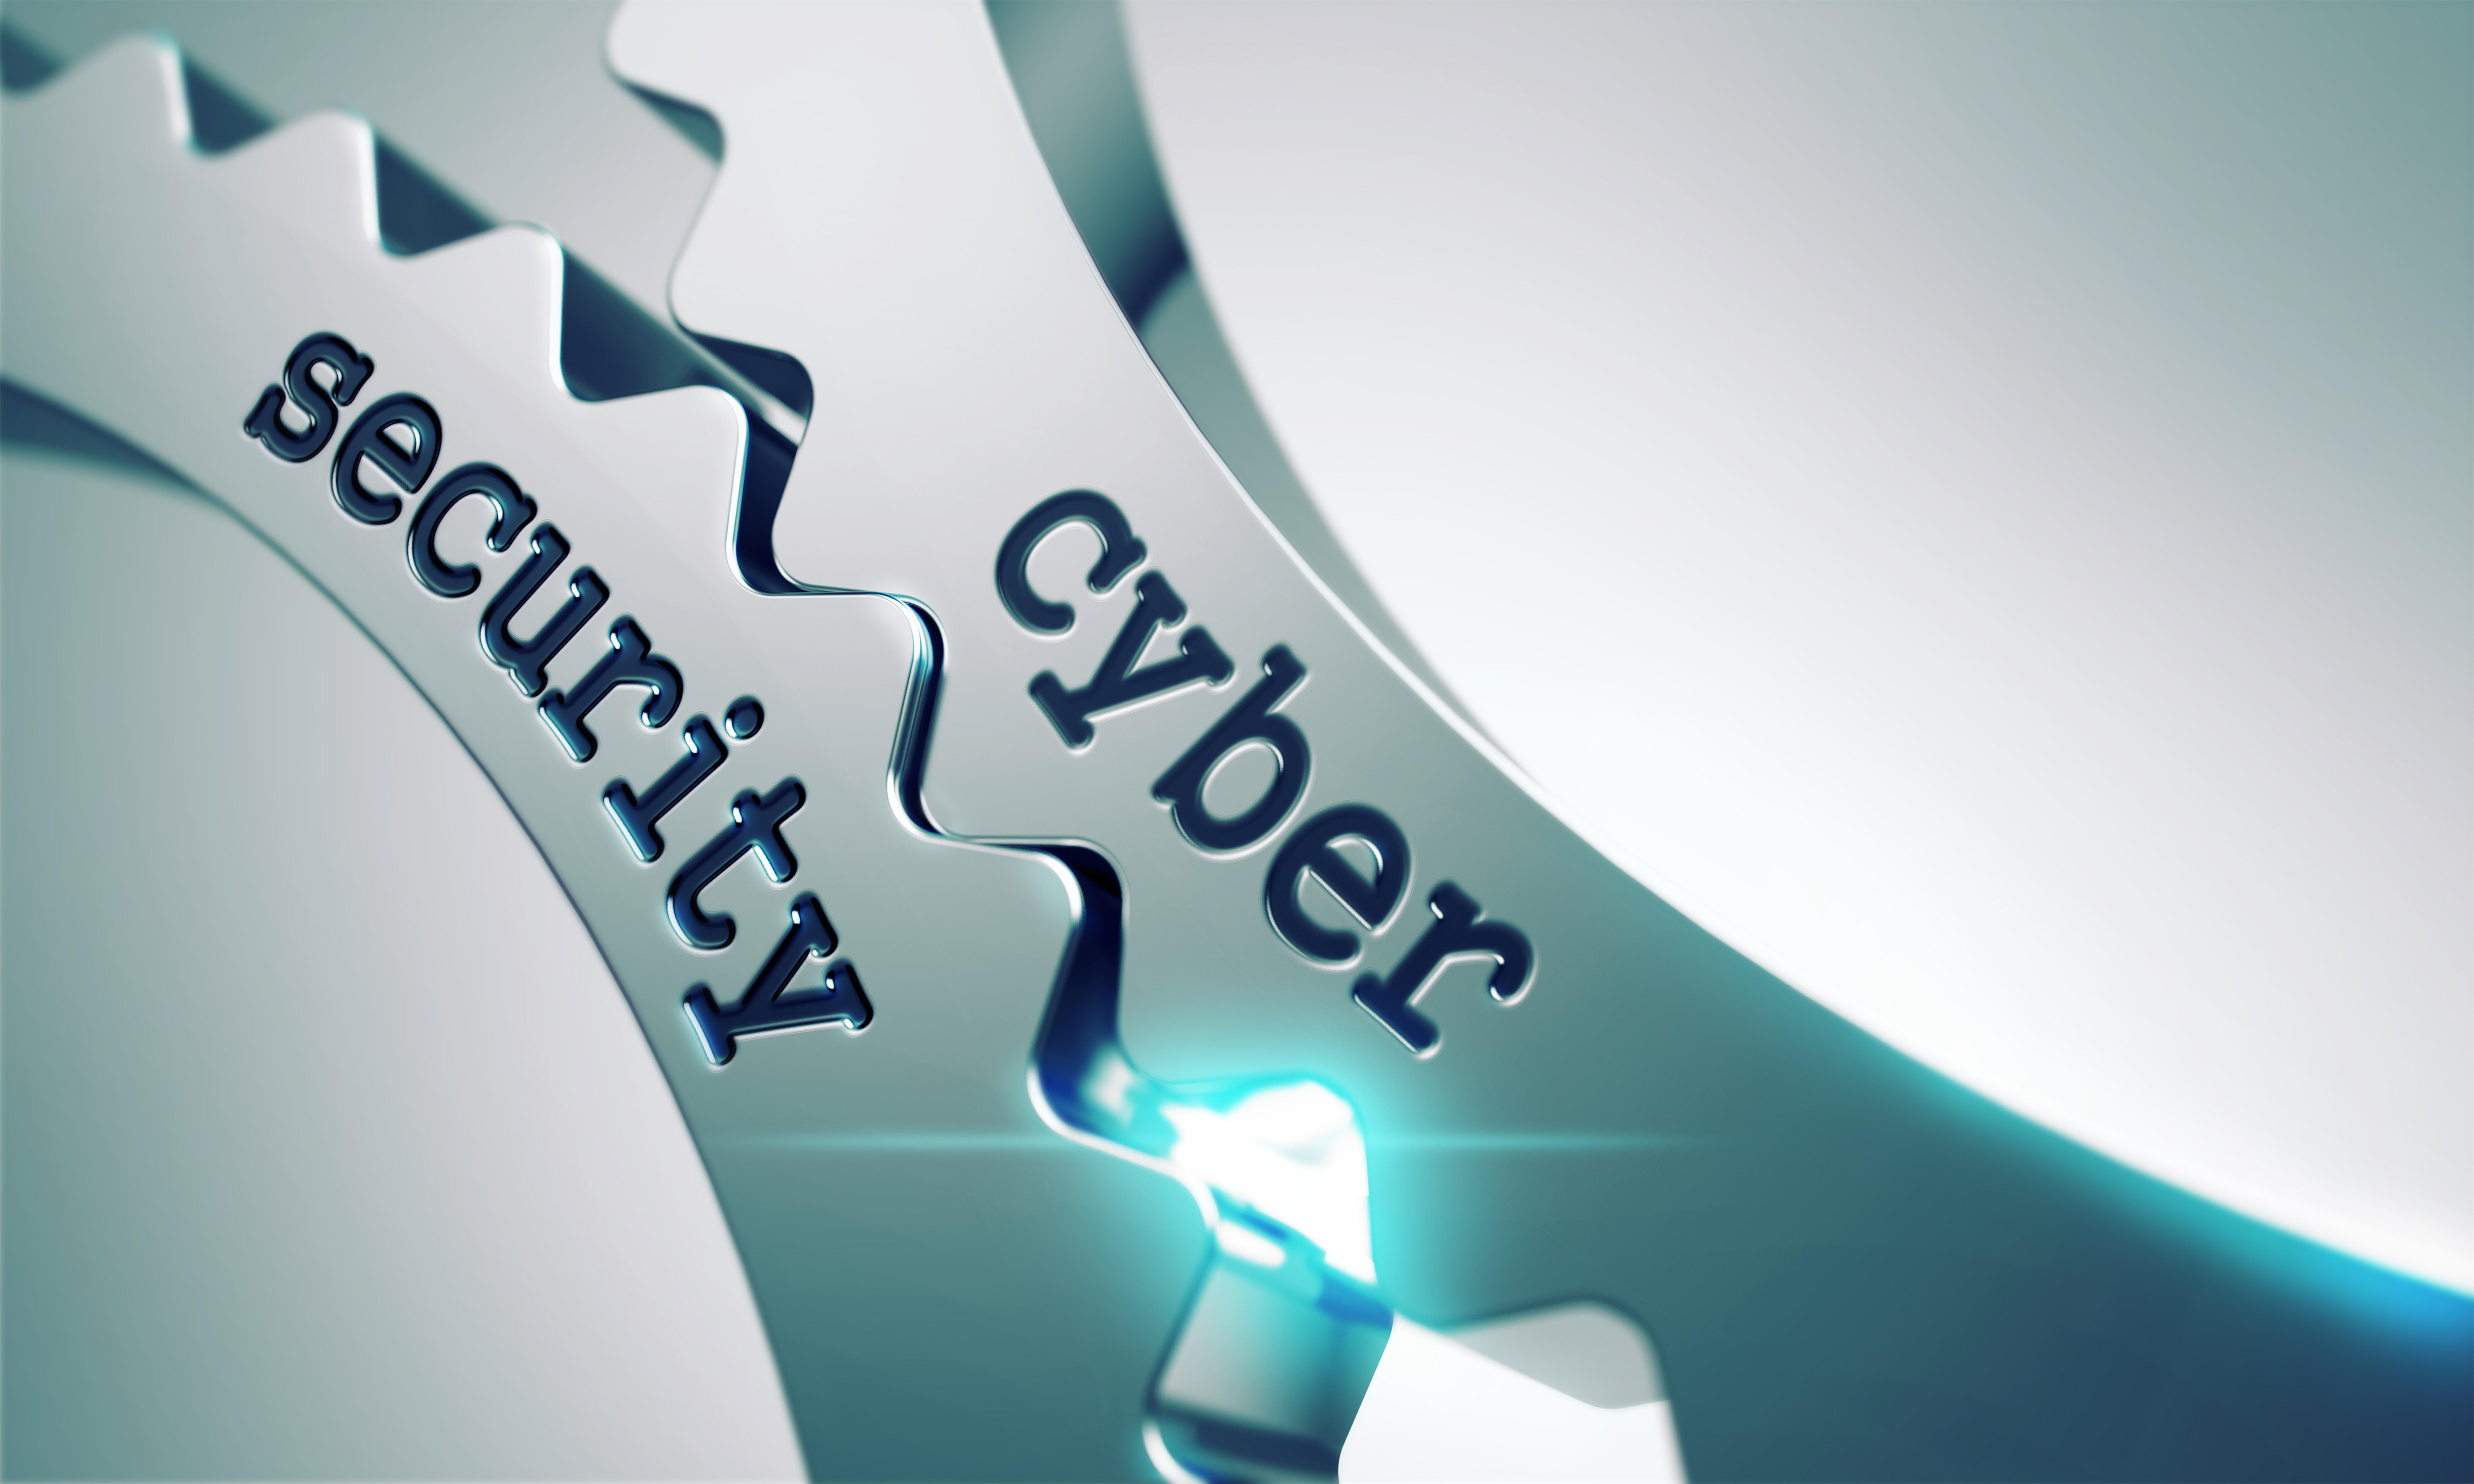 El Pentágono mejorará su ciberseguridad con hackers